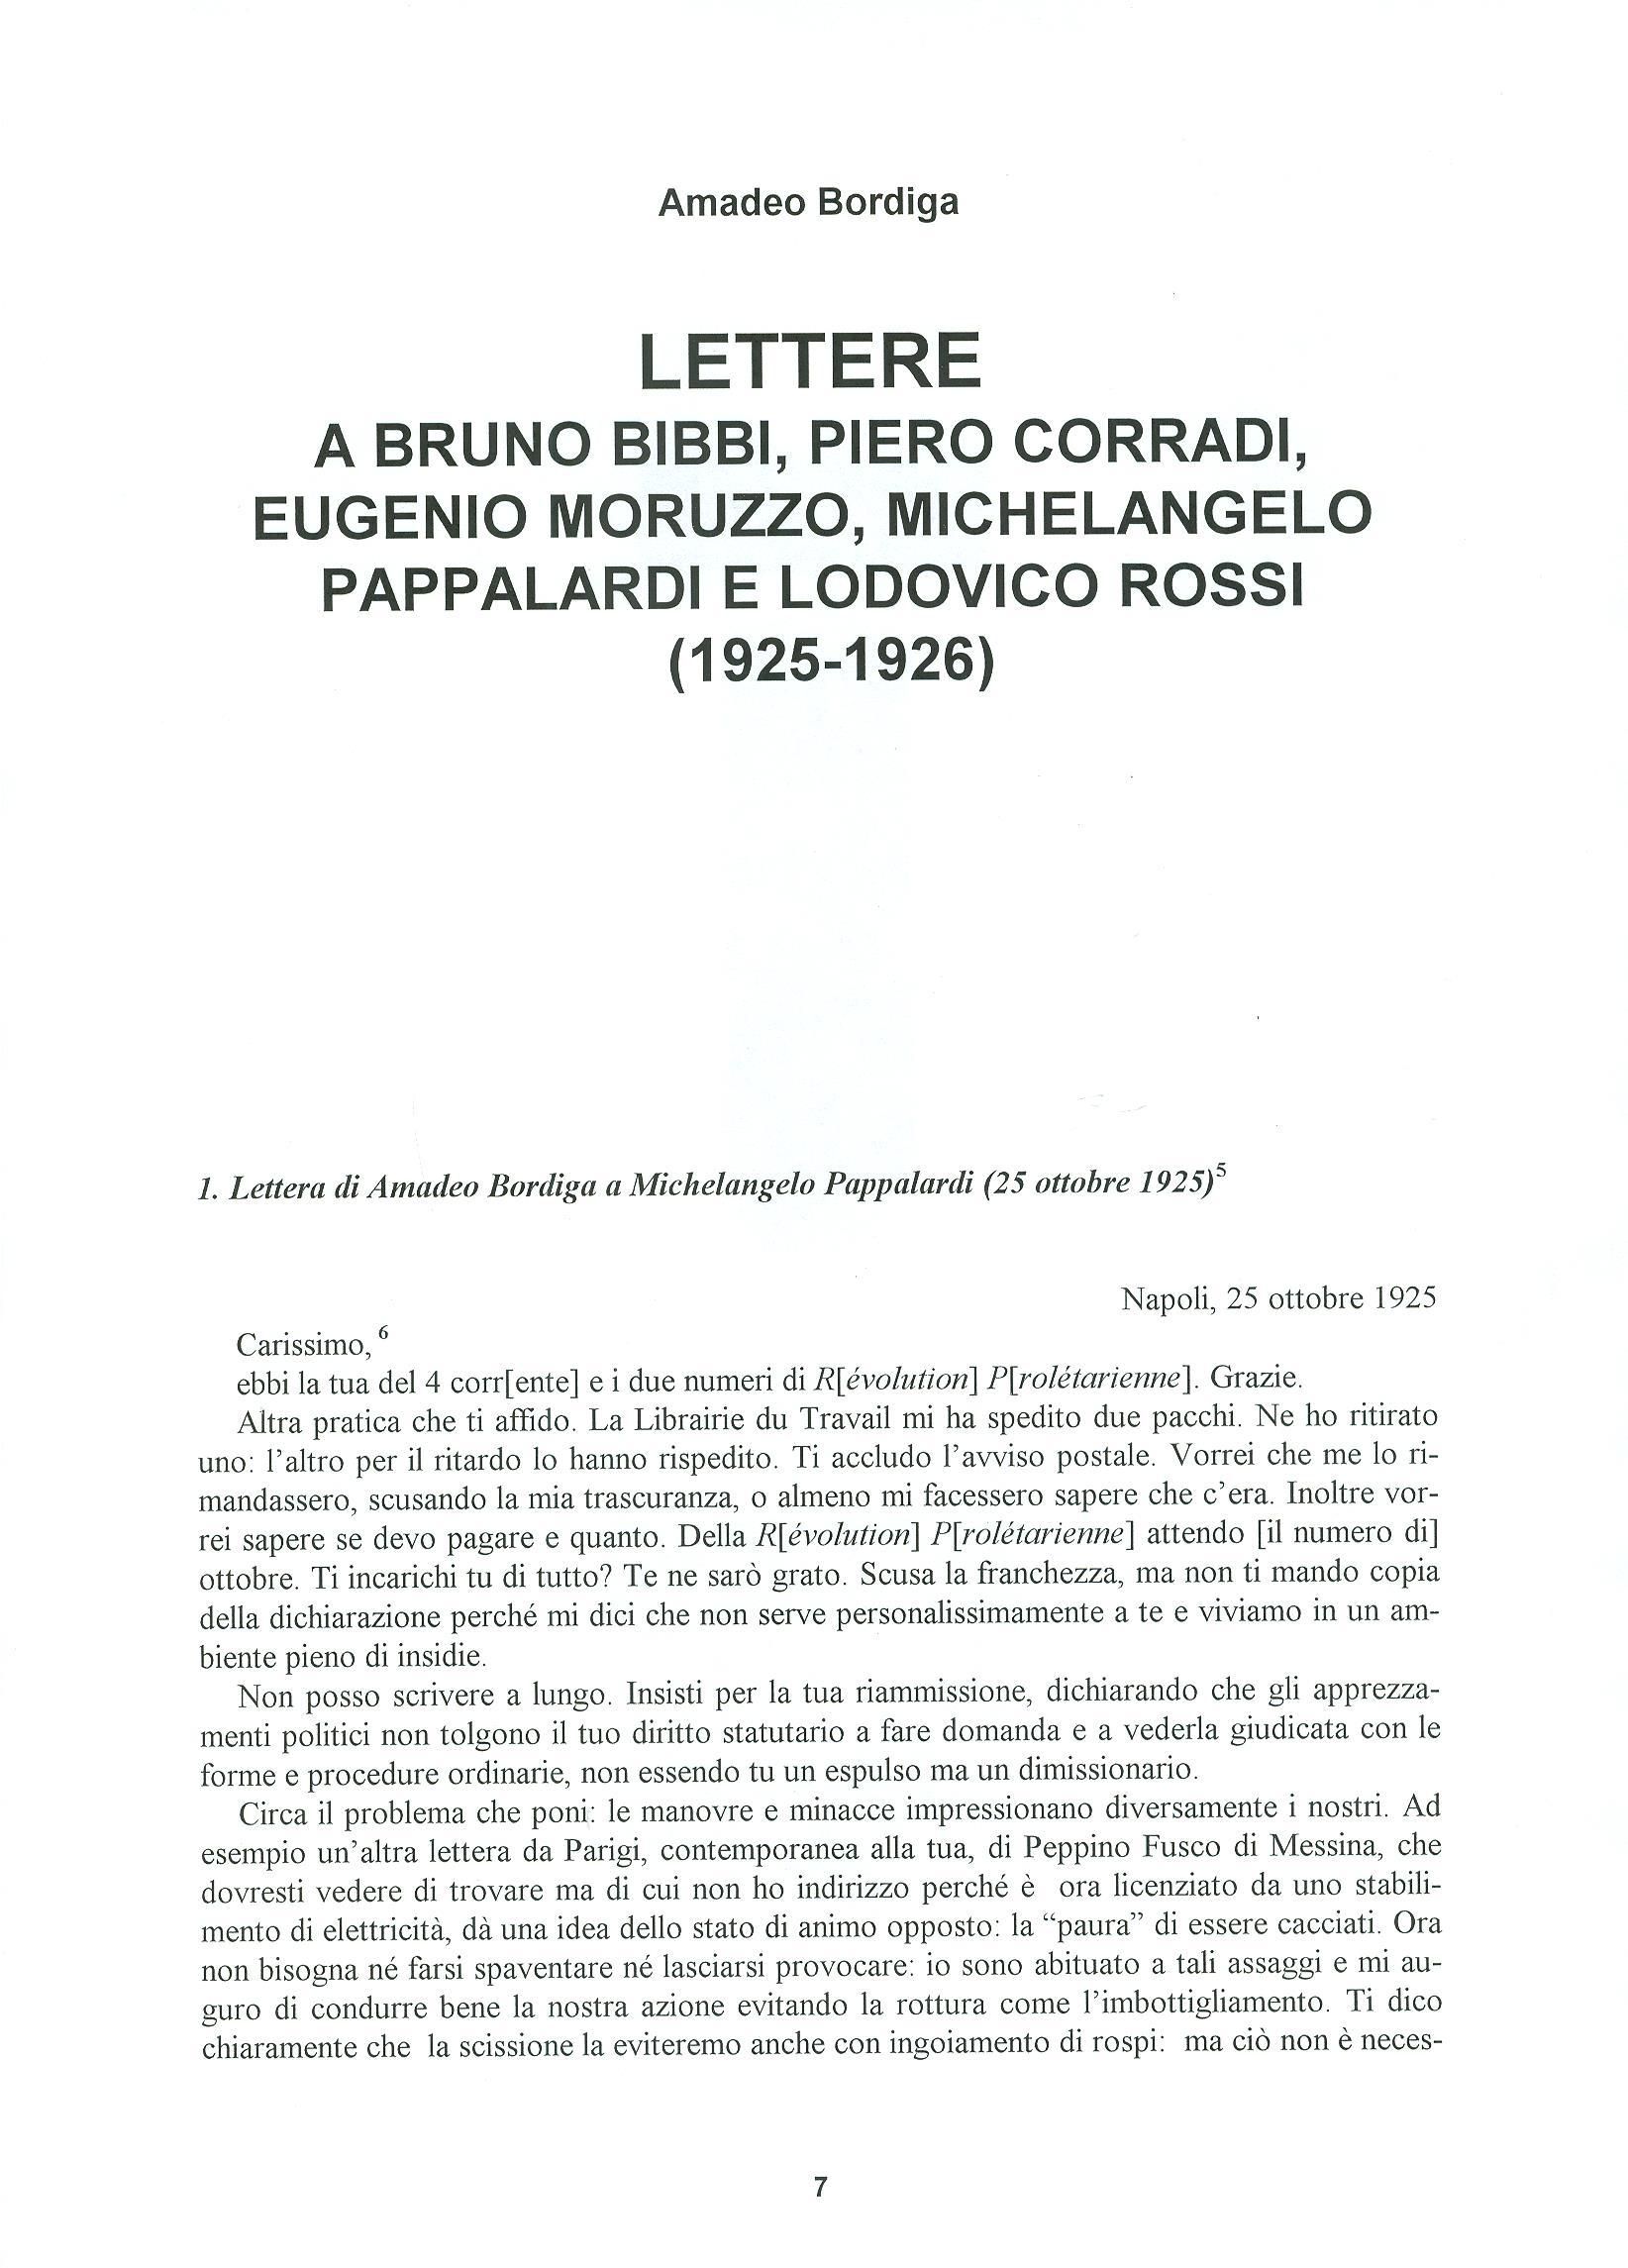 Quaderni del Centro Studi Pietro Tresso (1996-2009) n. 14 (novembre 1998) - pag. 8